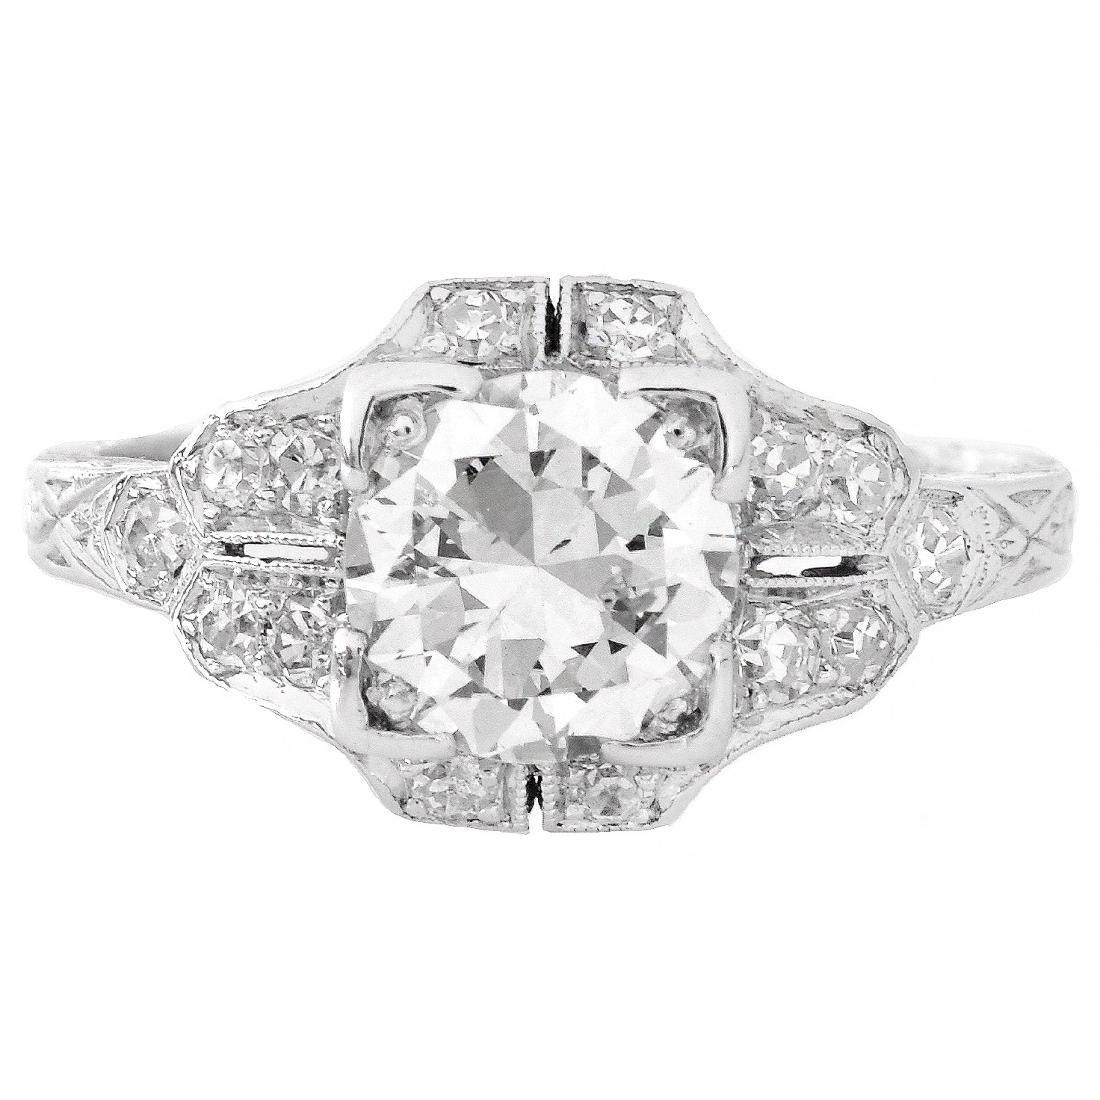 Art Deco 1.30 Carat TW Diamond and Platinum Ring - 2